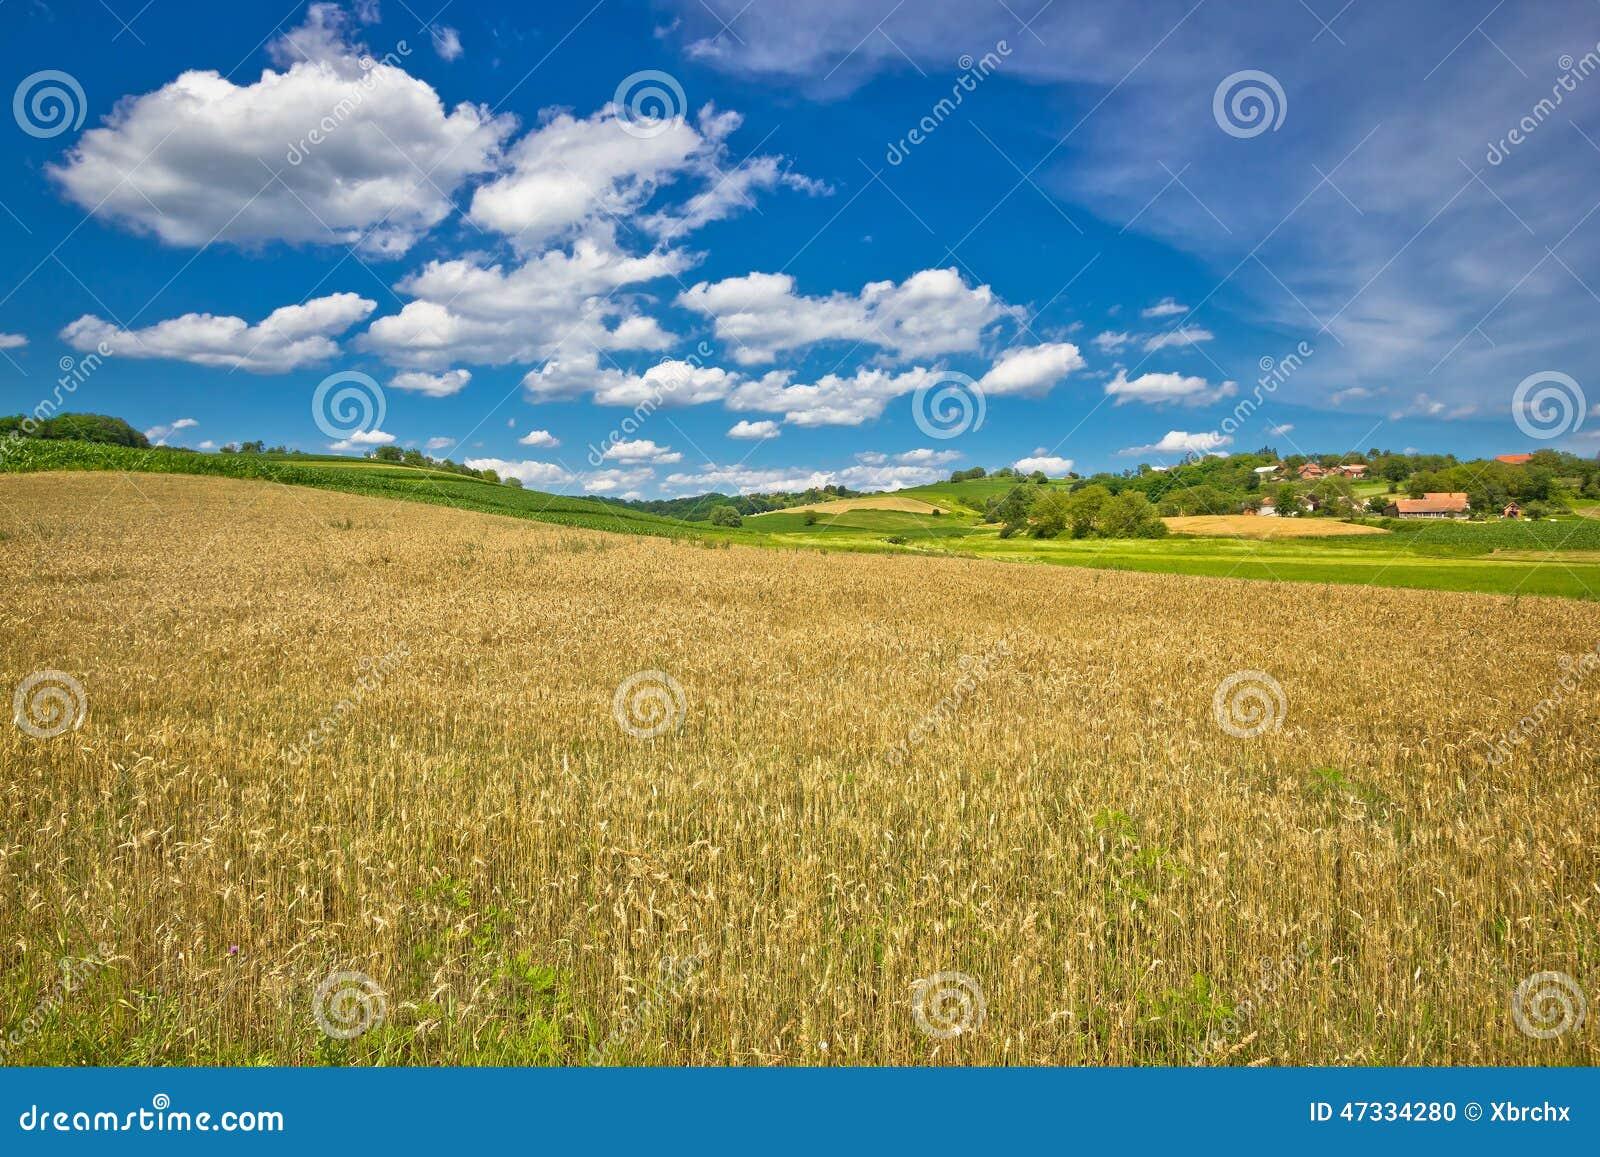 Gisement d or de foin dans le paysage agricole vert